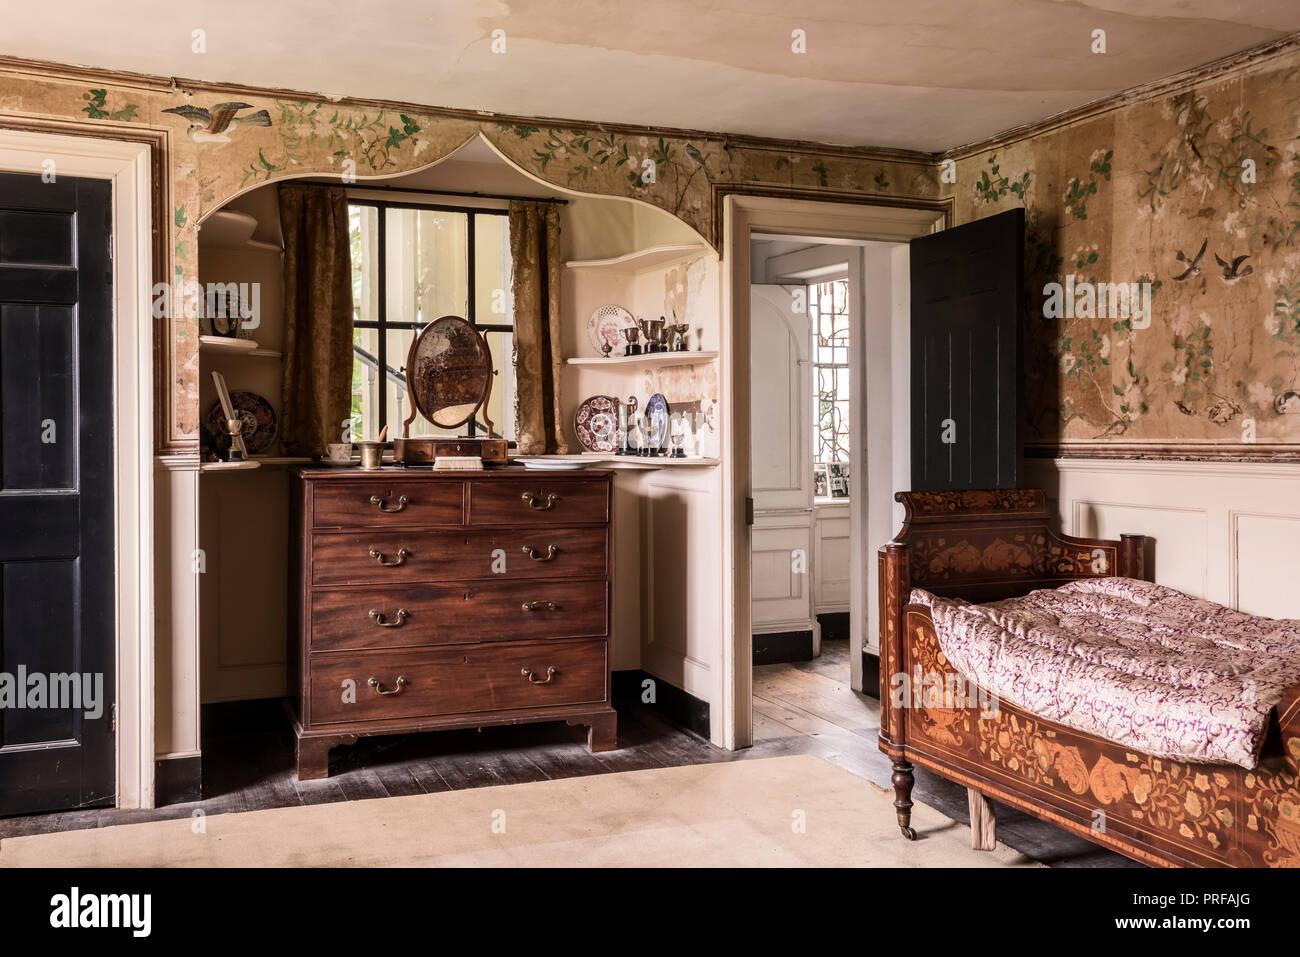 Elaborare mobili intarsiati e intagliati in letto in mogano con carta da parati cinese Immagini Stock